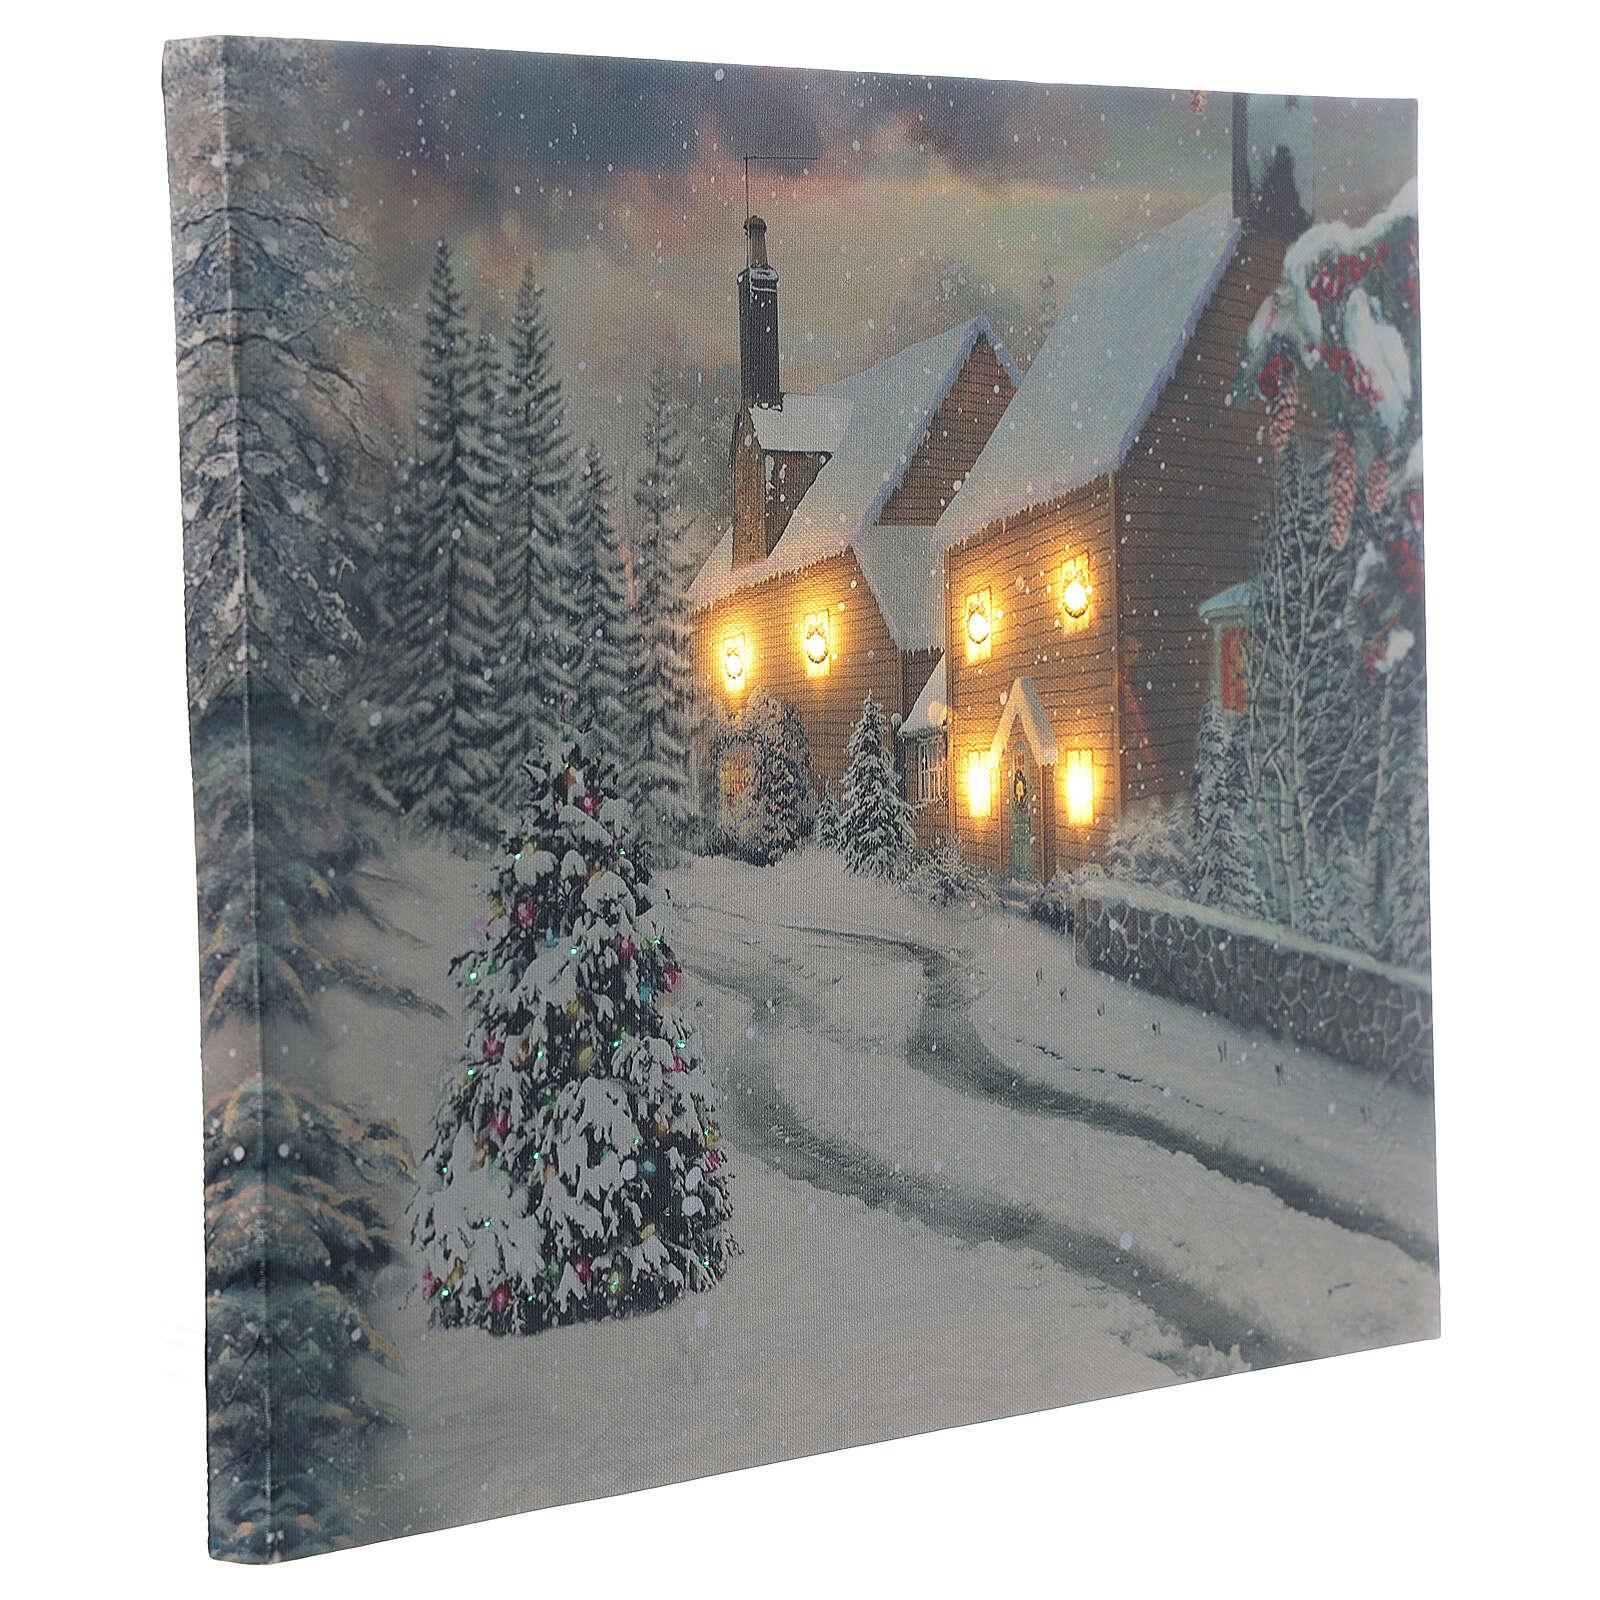 Quadro natalino aldeia nevada iluminada fibra ótica 30x40 cm 3